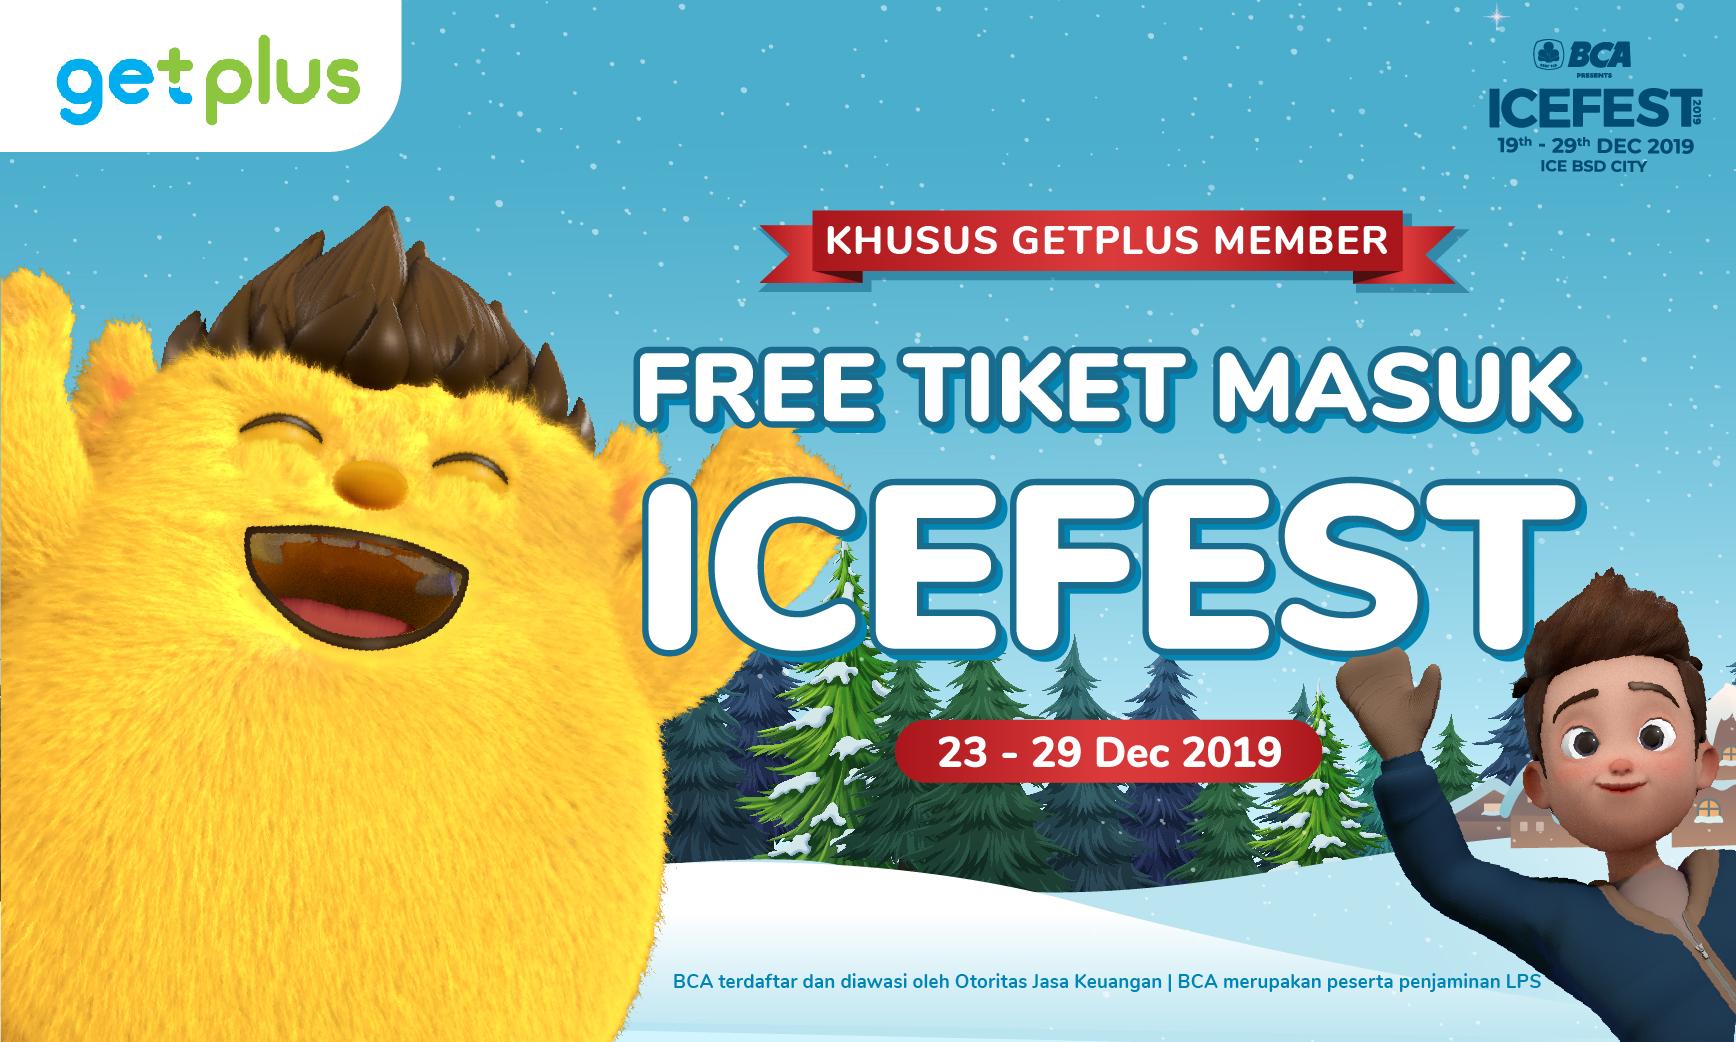 Pakai GetPlus, #DapetinLebih Tiket Masuk ICEFEST 2019 Gratis!